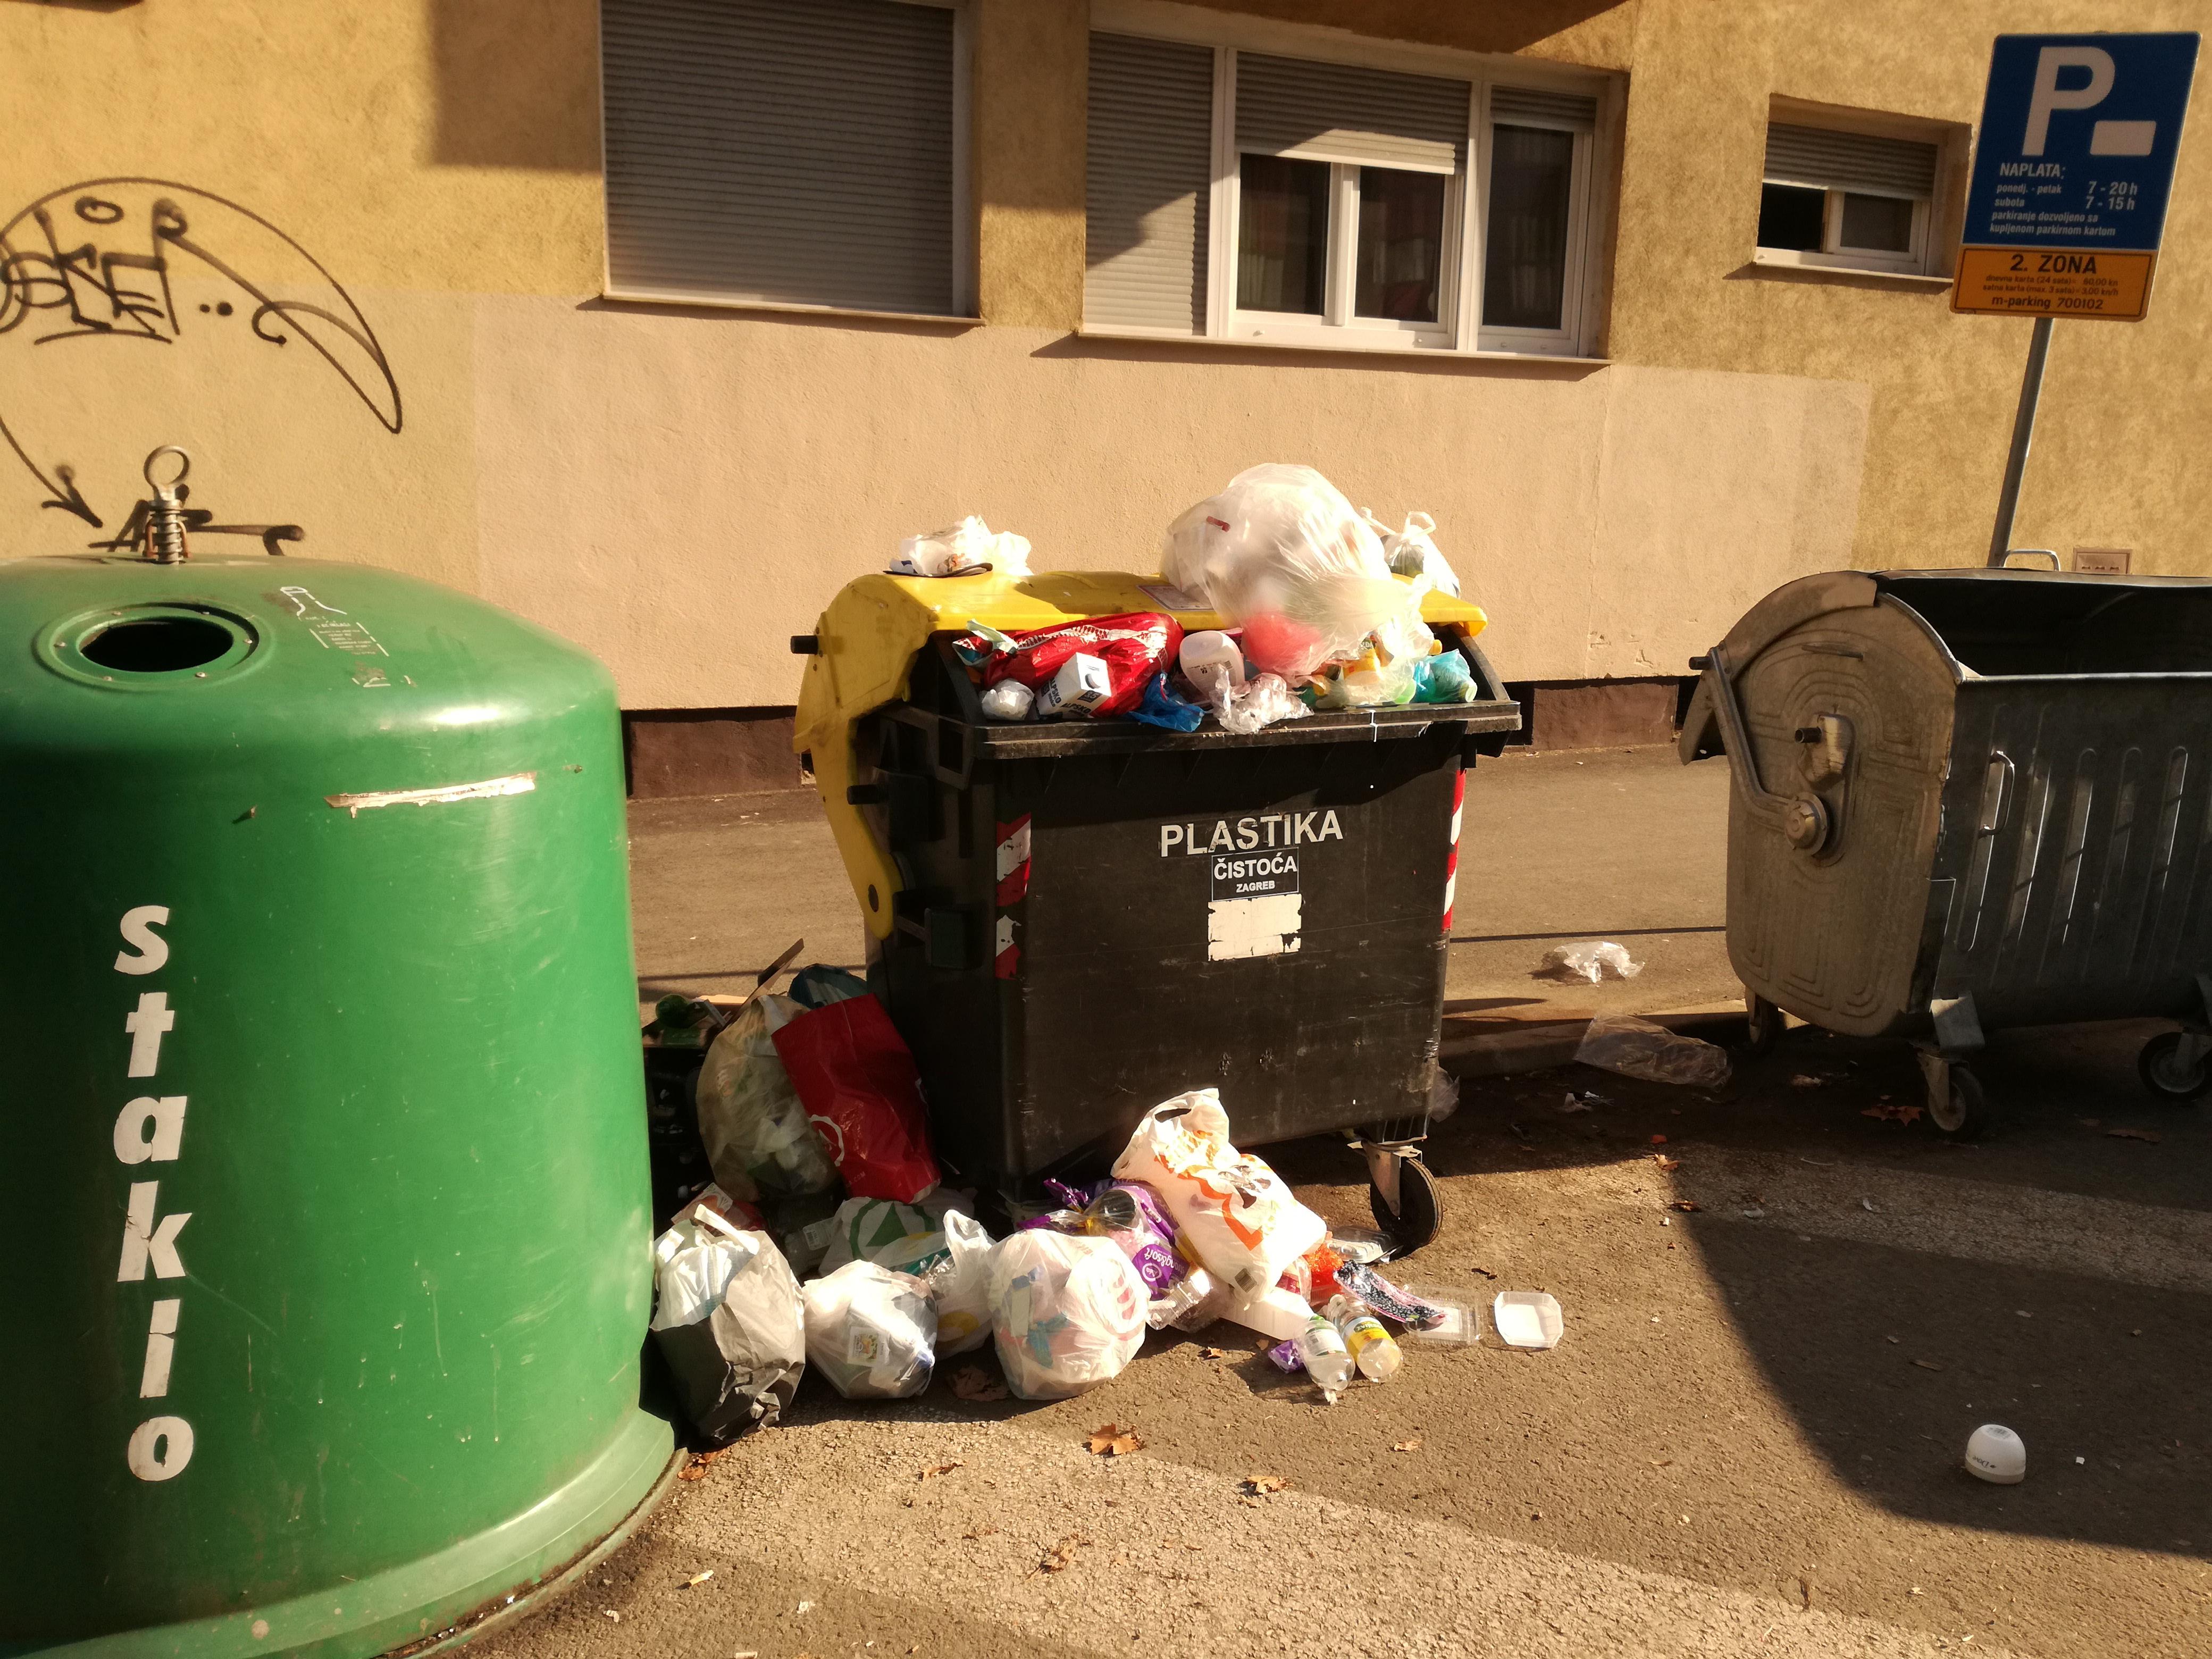 Zagreb novom odlukom odustaje od odvojenog prikupljanja otpada!